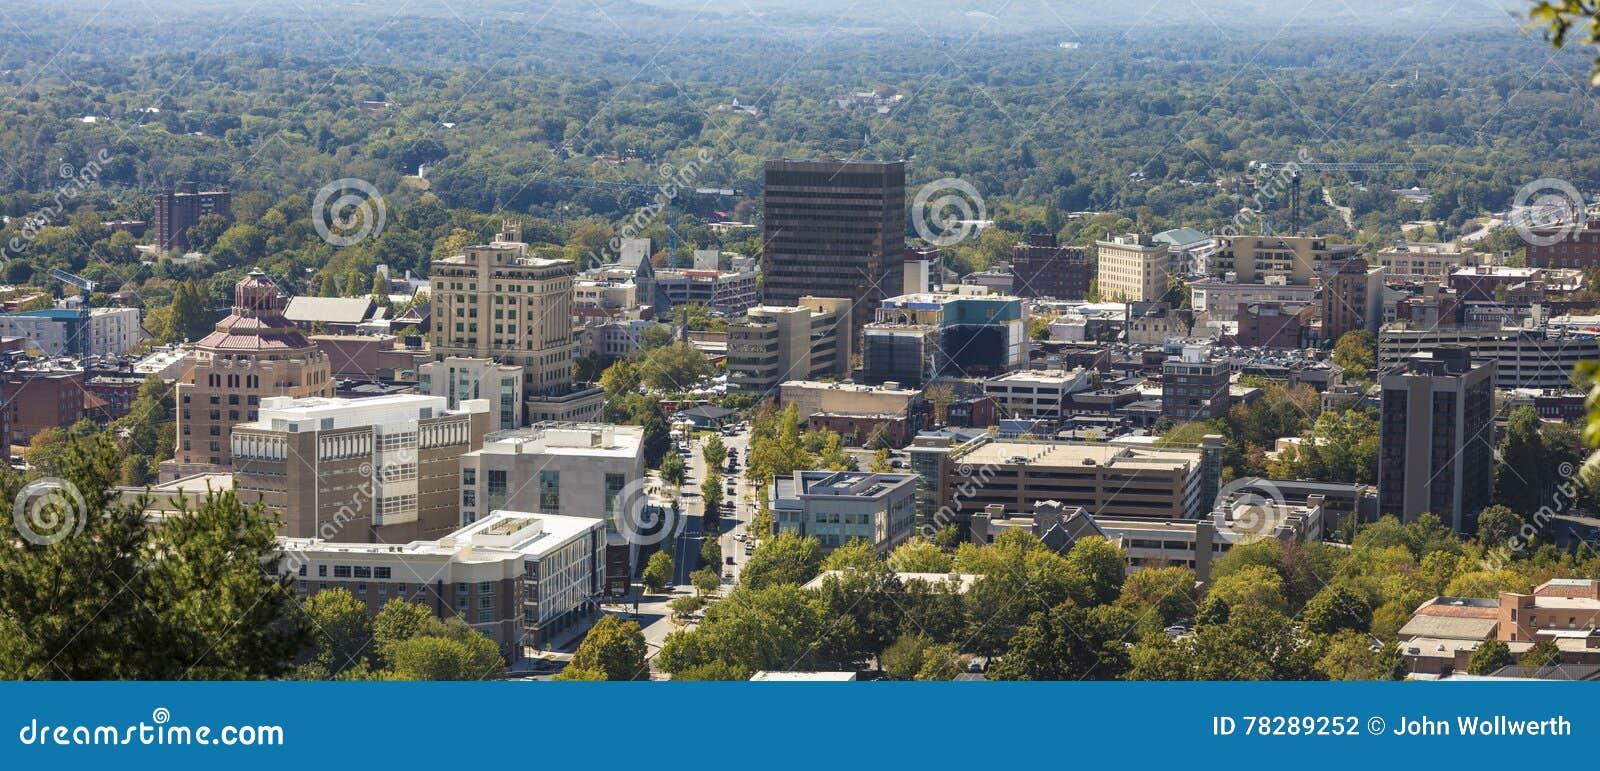 Πανόραμα του στο κέντρο της πόλης Άσβιλλ, βόρεια Καρολίνα